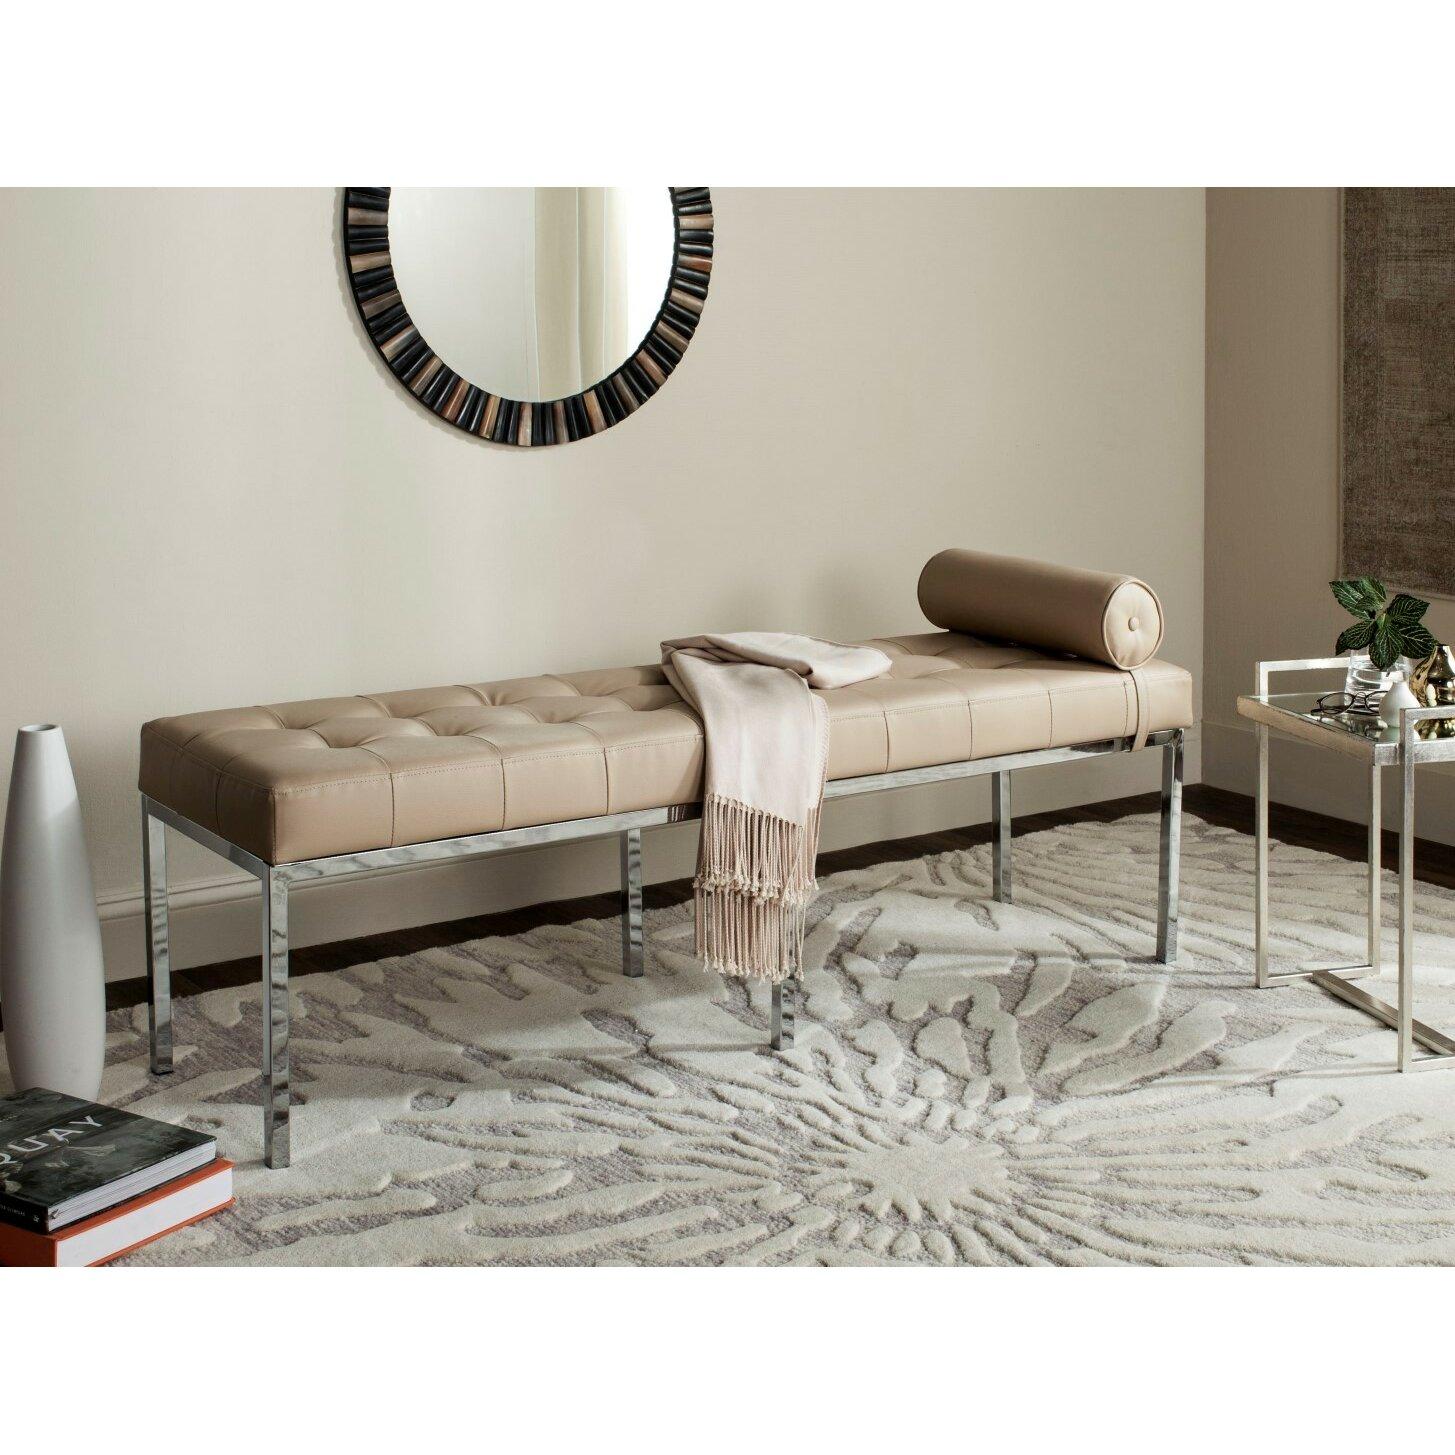 Mercer41 Warnant Upholstered Bedroom Bench & Reviews